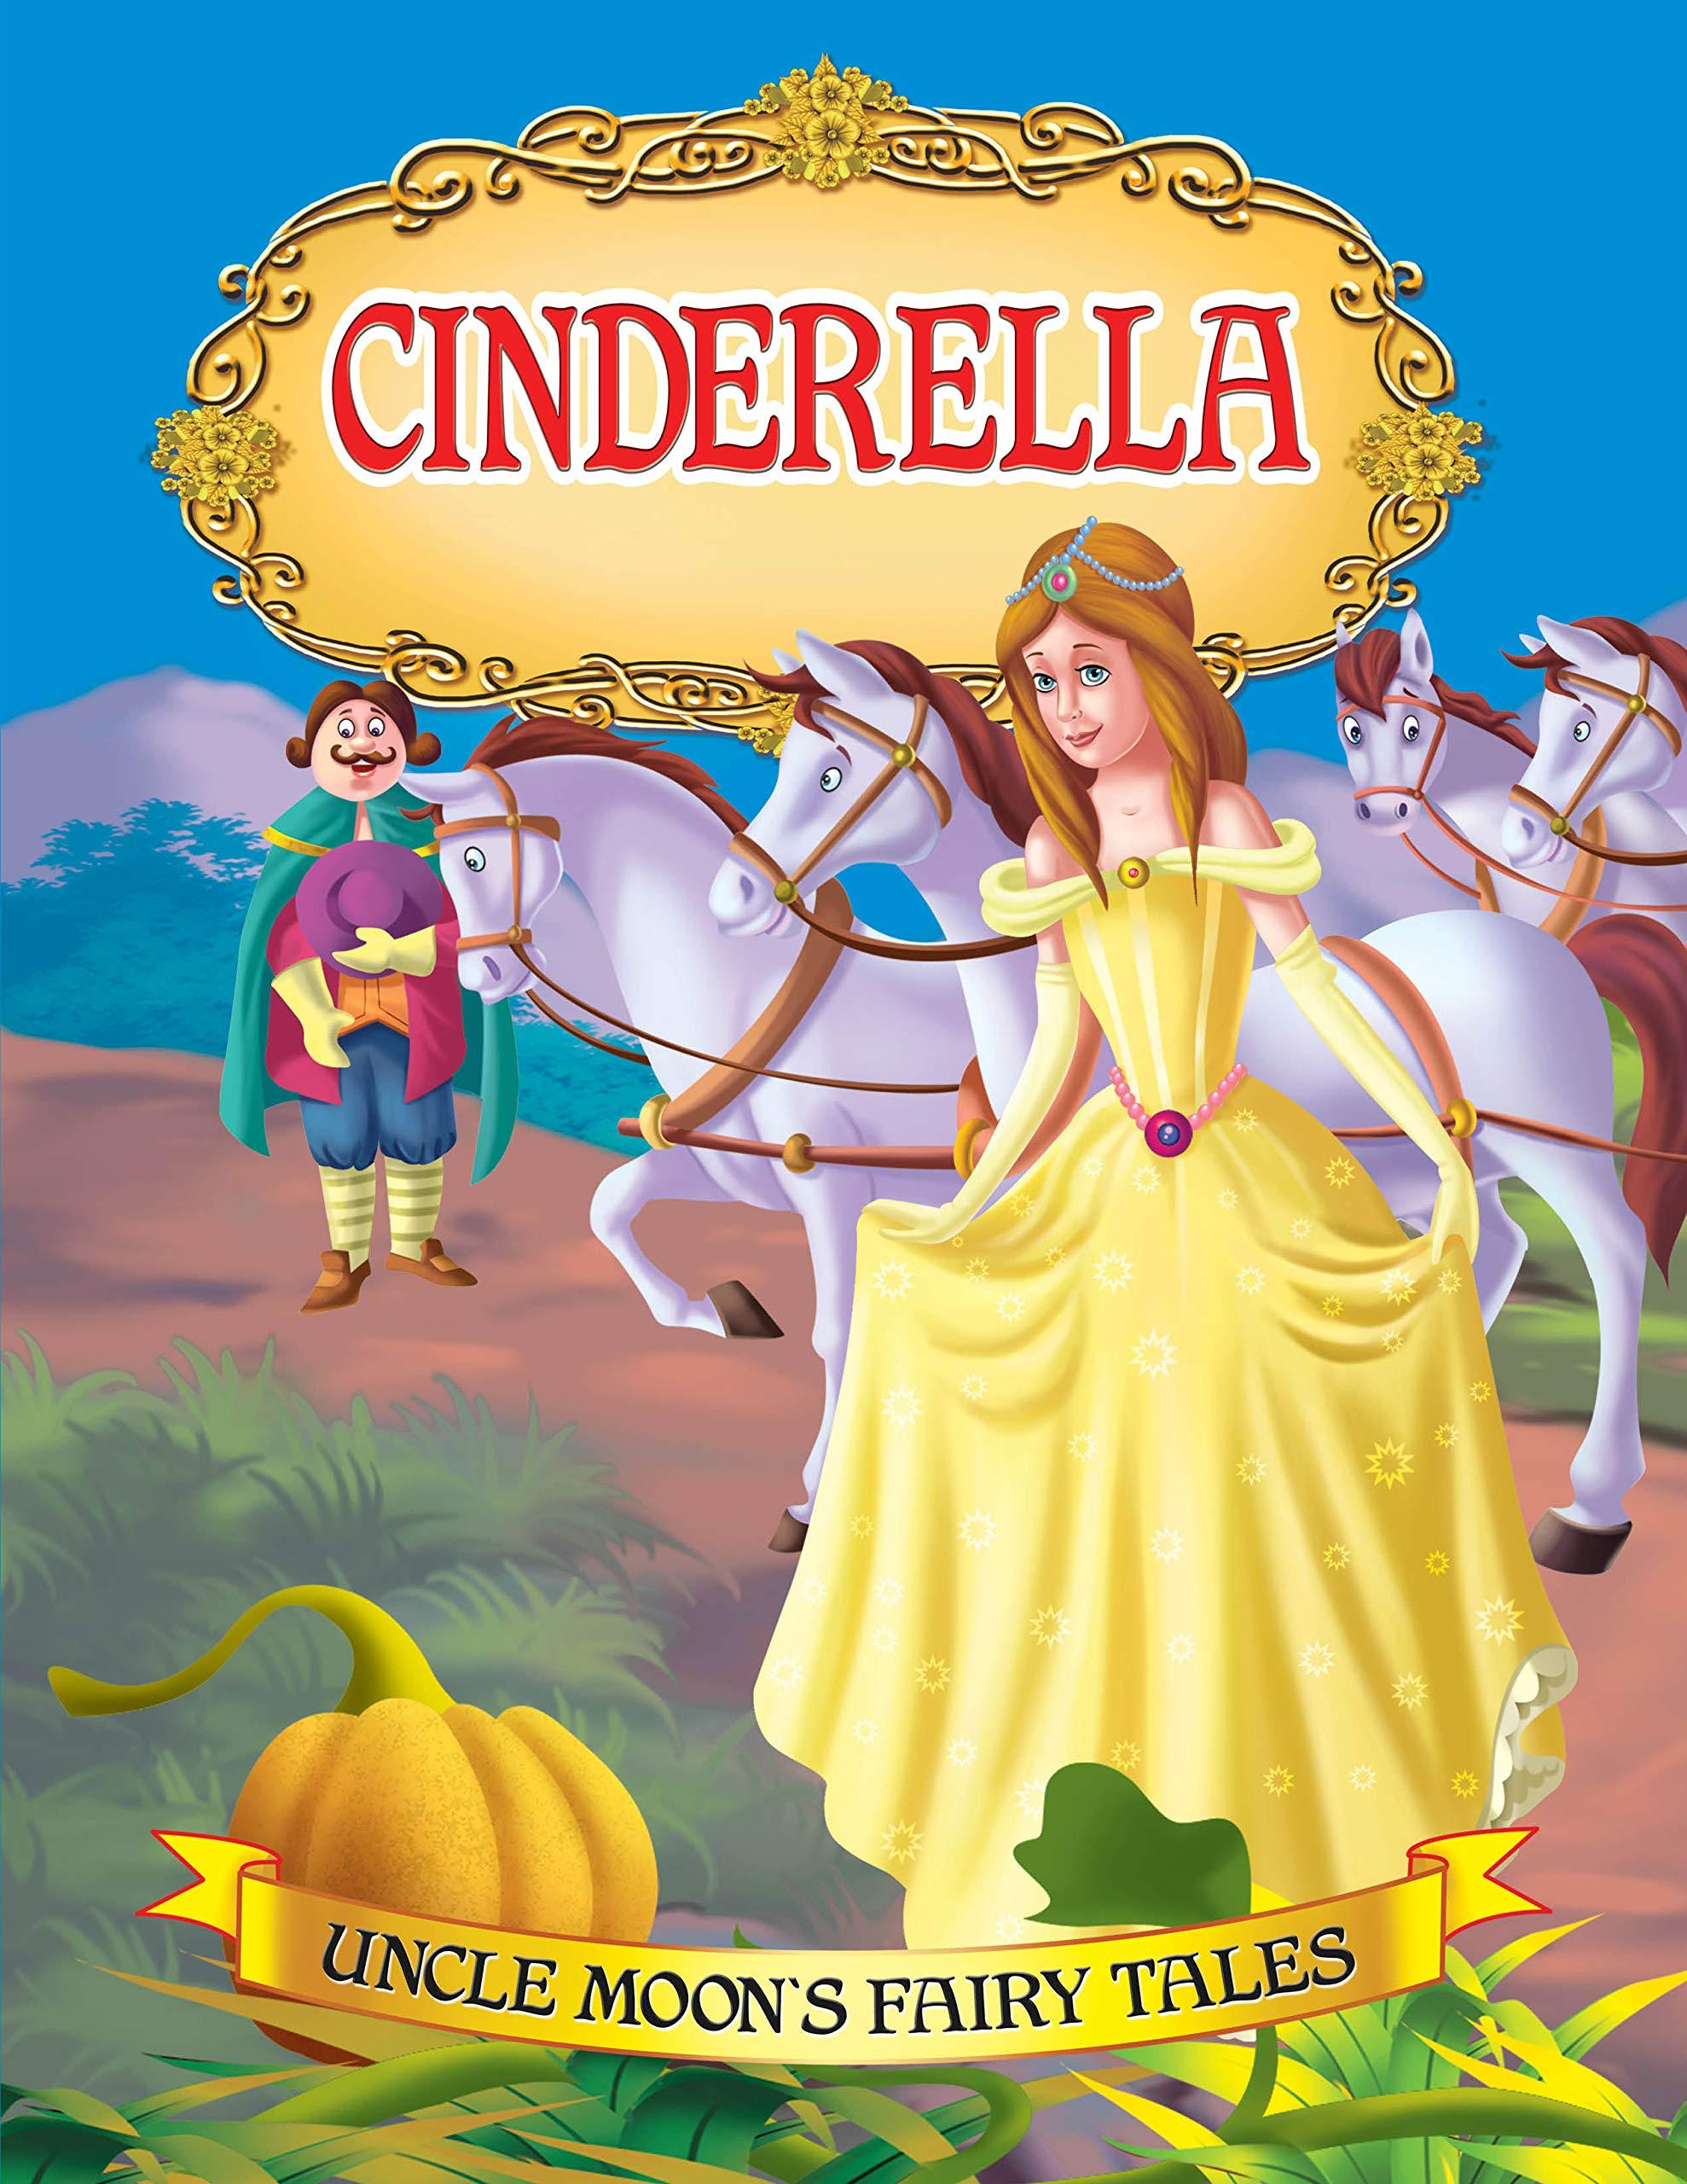 (Uncle Moon's Fairy Tales) Cinderella